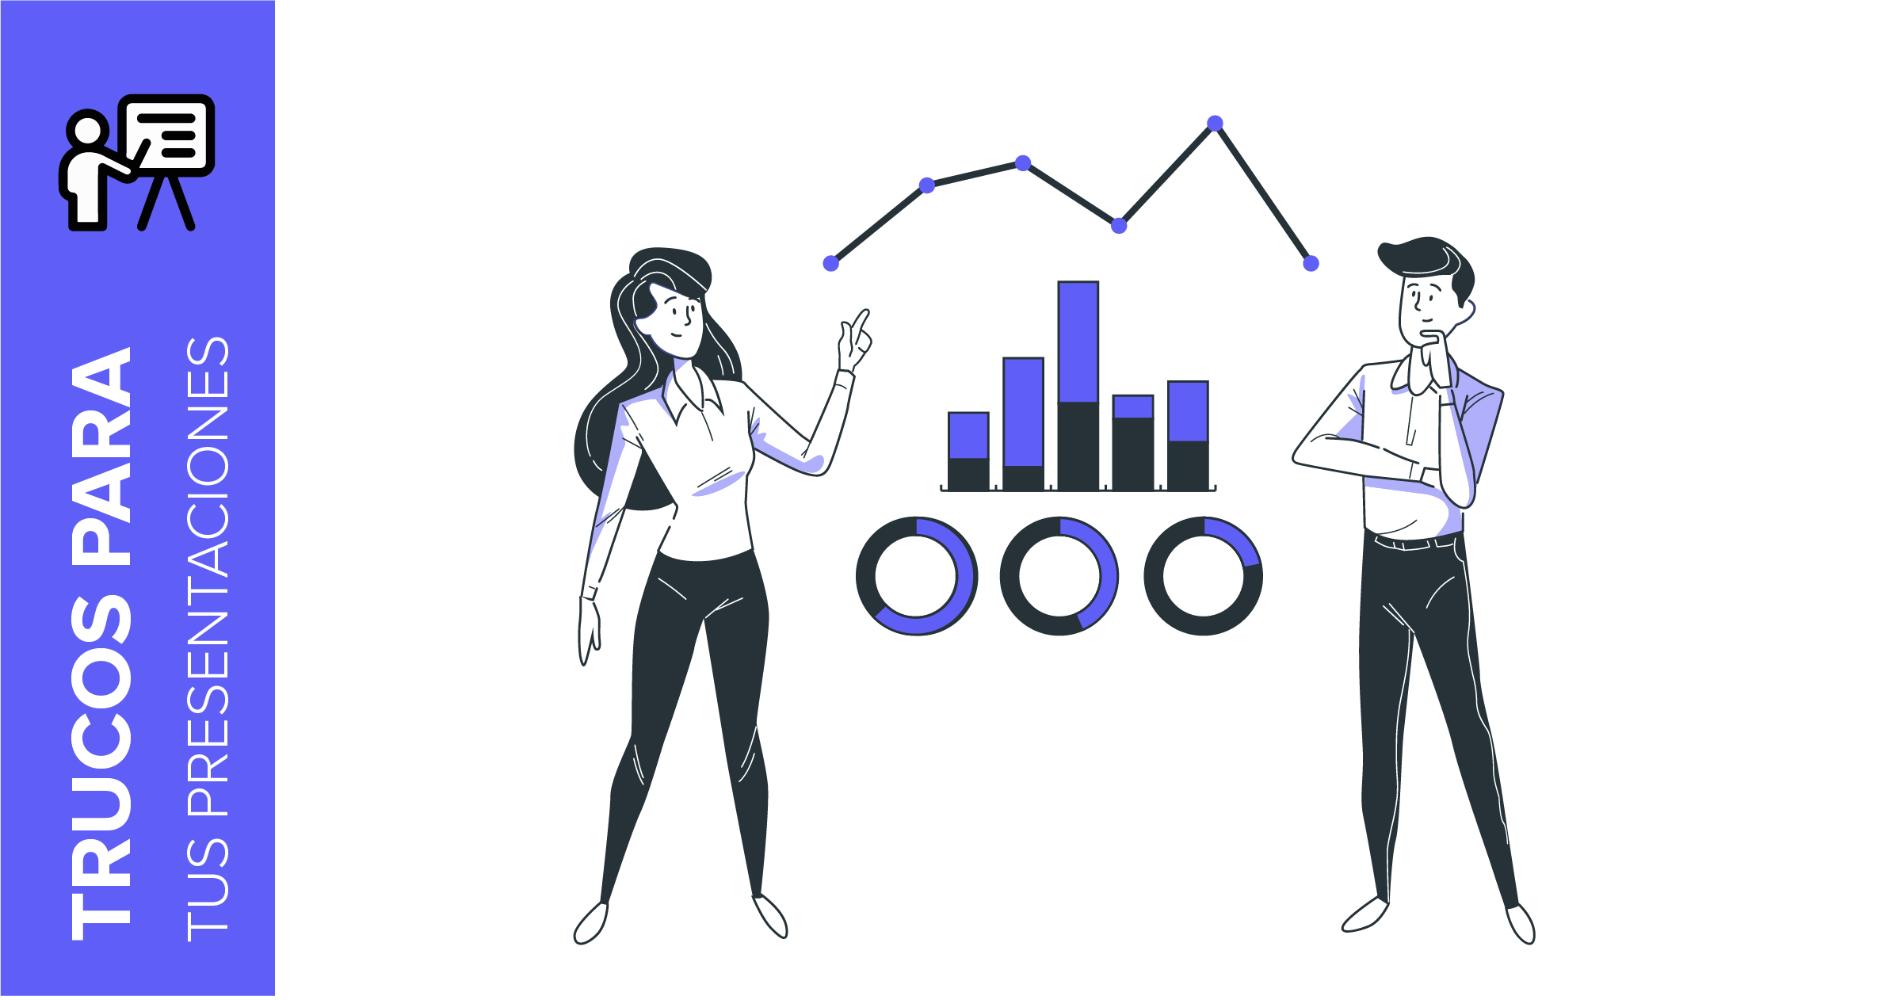 Cómo presentar datos de forma eficaz | Tutoriales y Tips para tus presentaciones